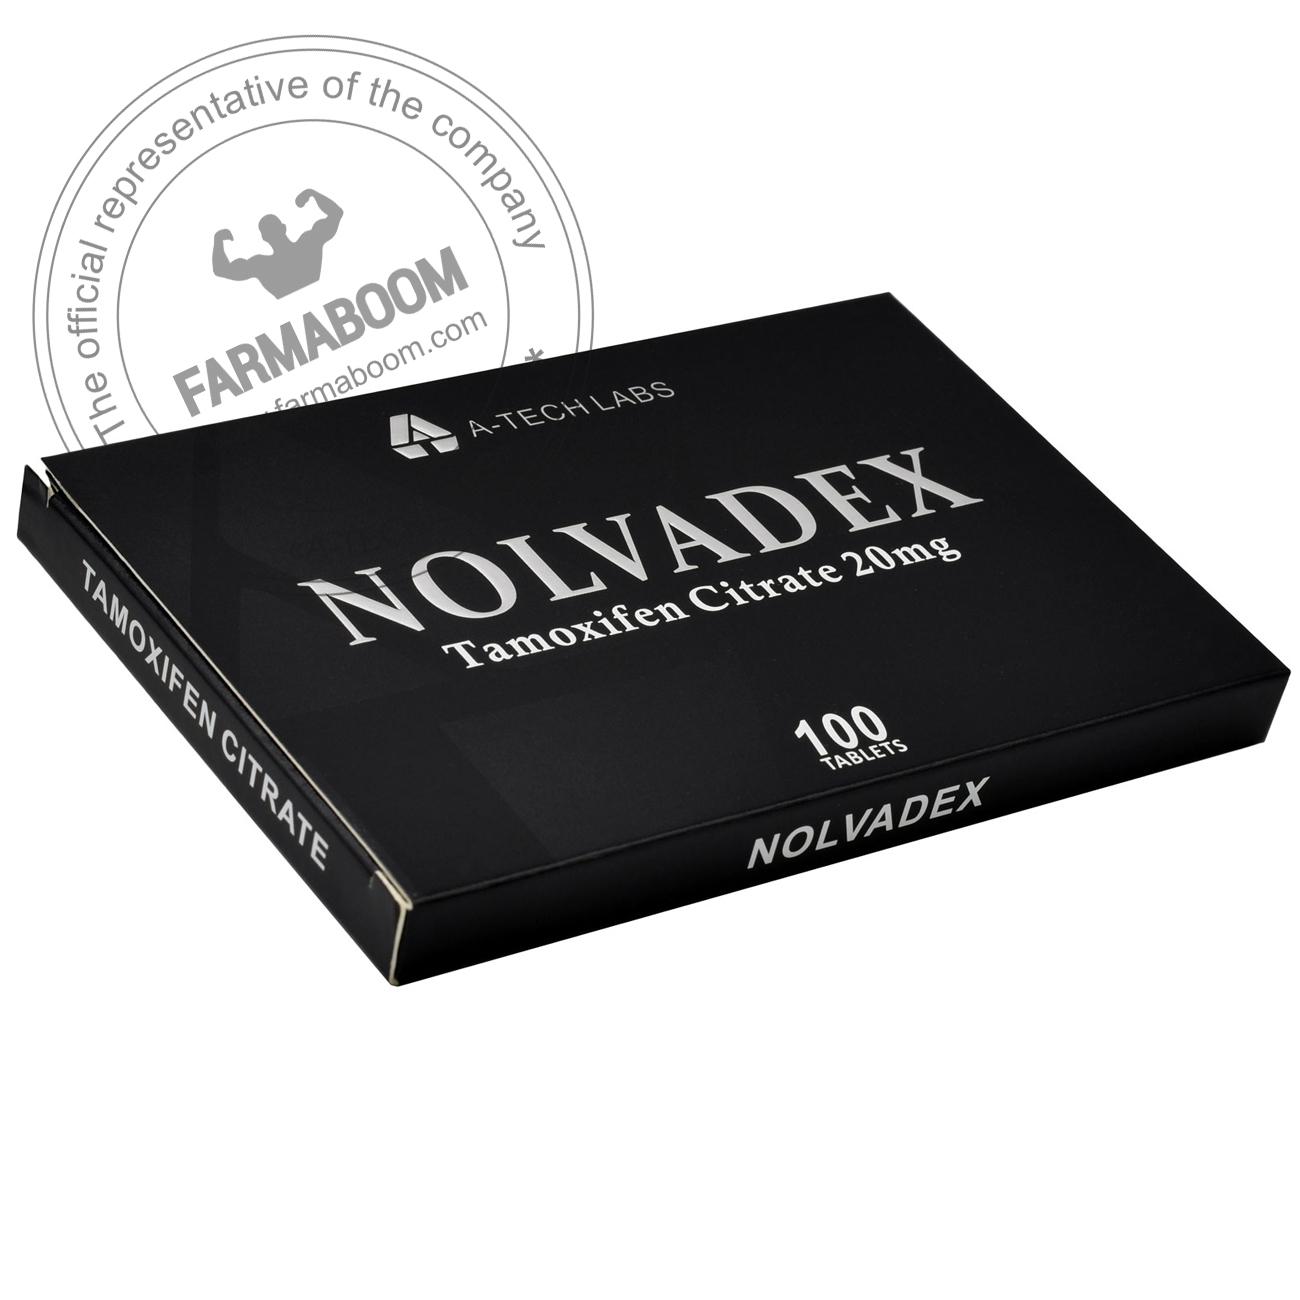 NOLVADEX_A-TECH LABS_farmaboom_com